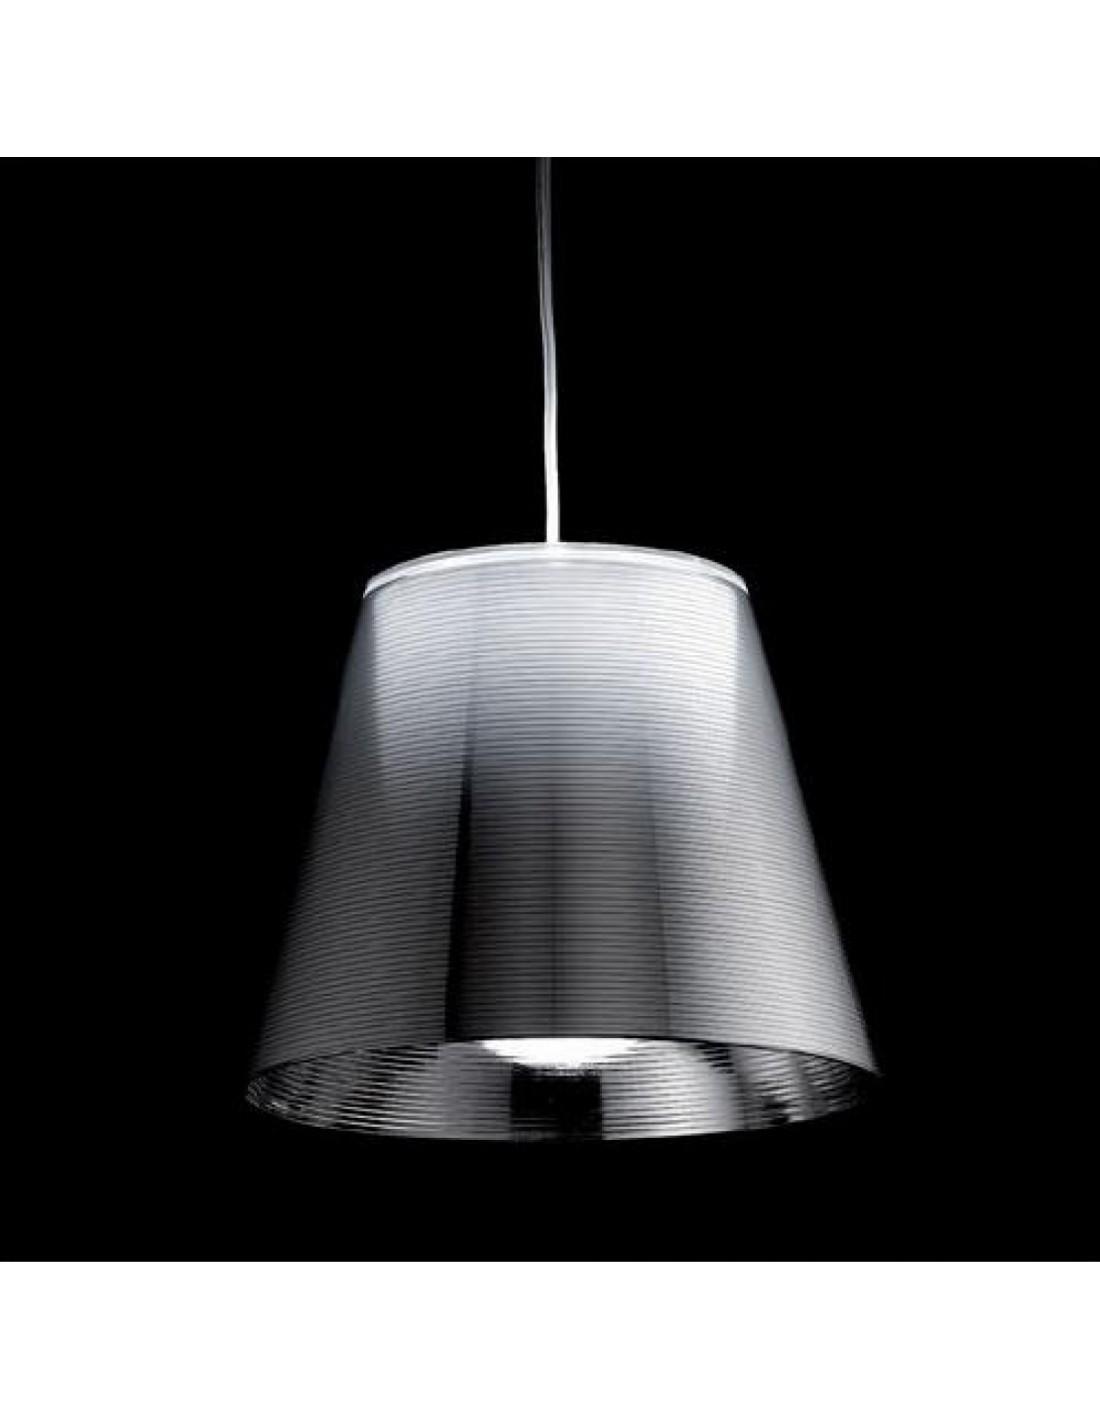 Zoom sur la suspension Ktribe S3 argent métallisé par Philippe Starck pour Flos - Valente Design